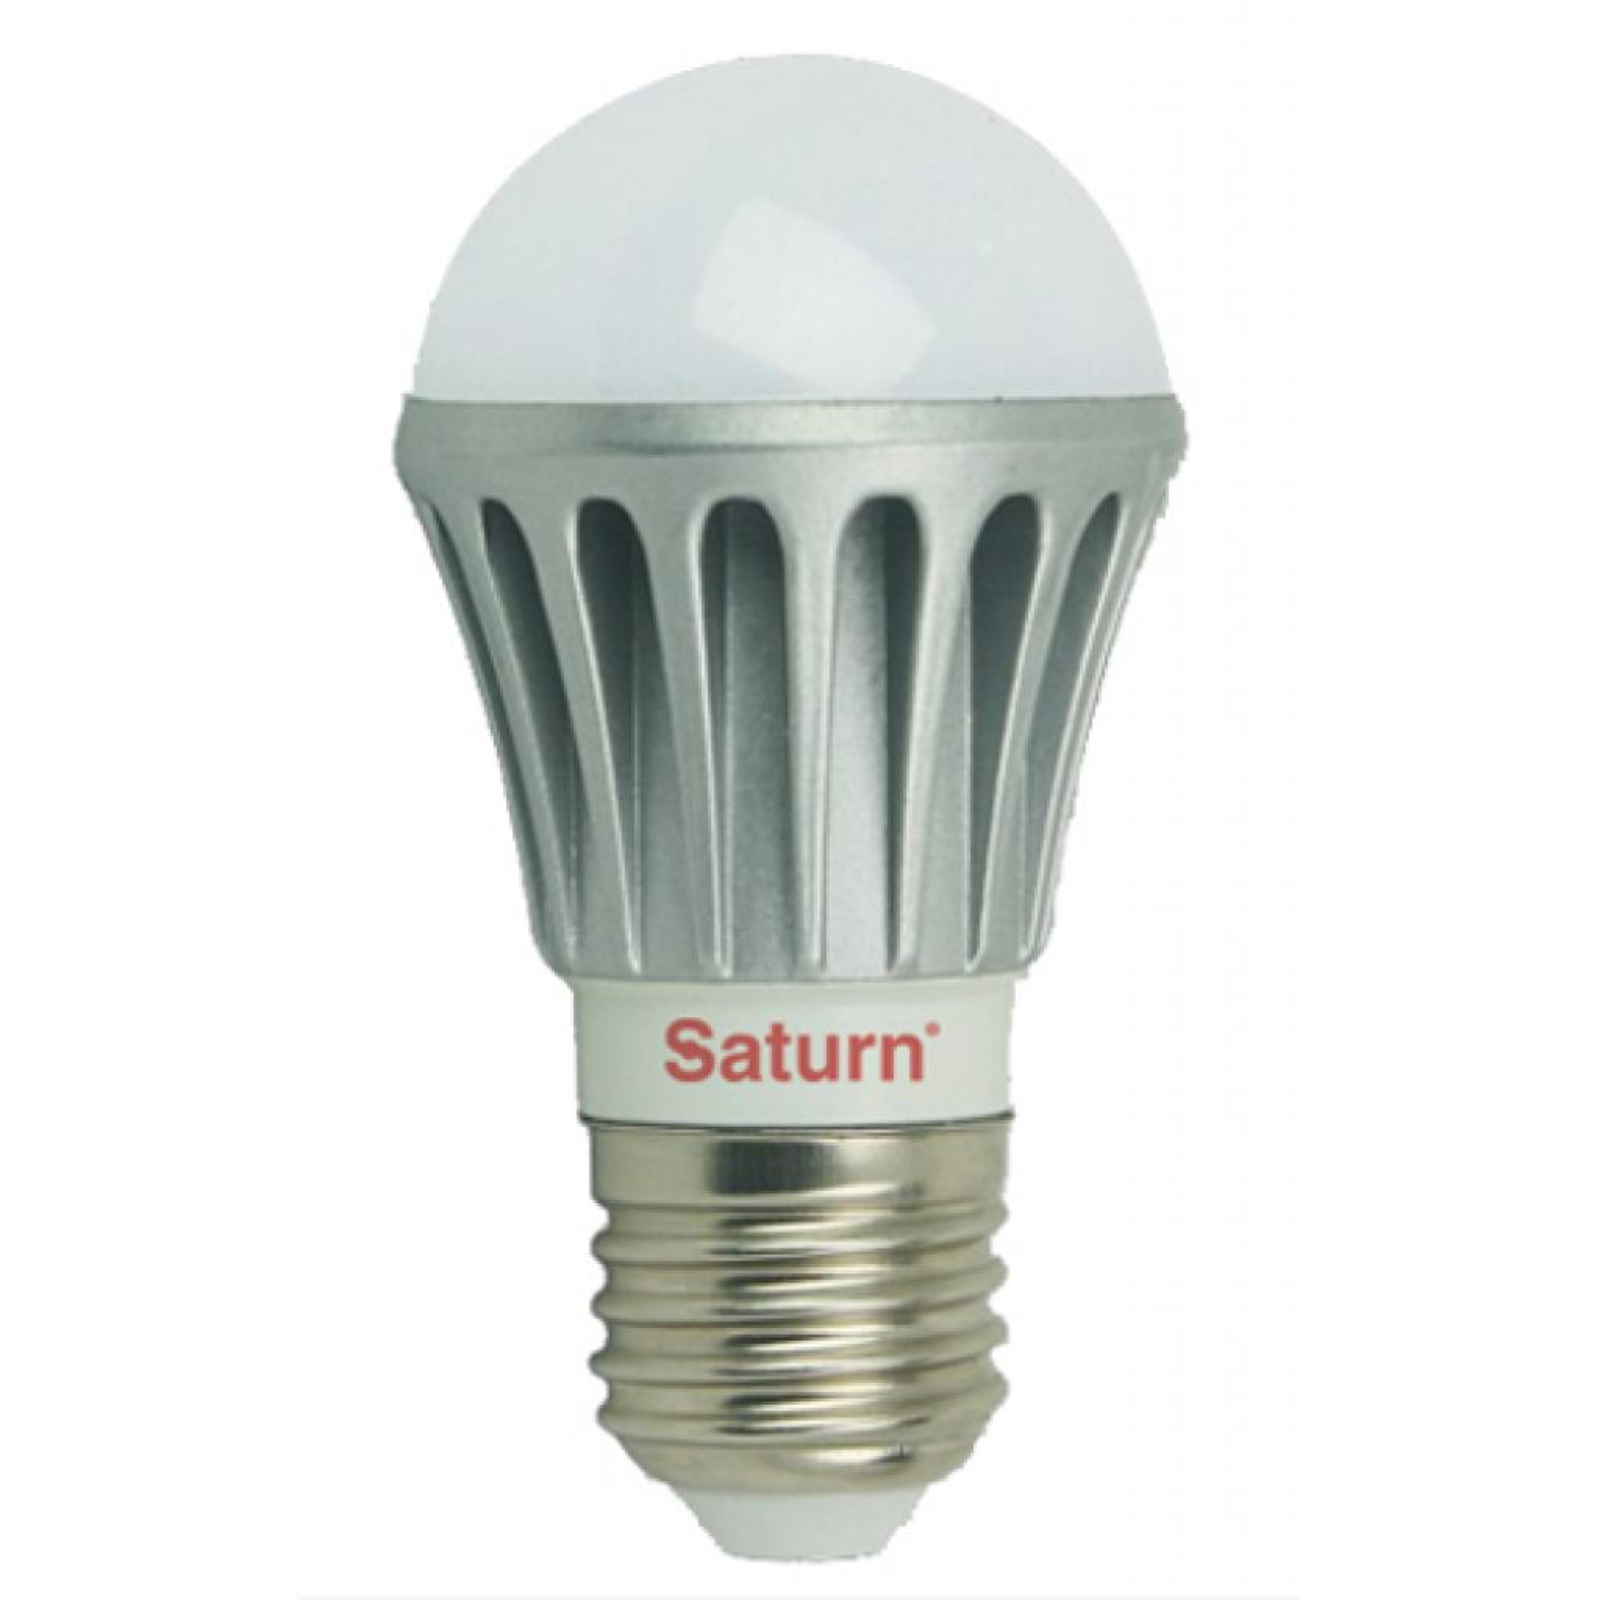 Лампочка SATURN ST-LL27.10N2 CW